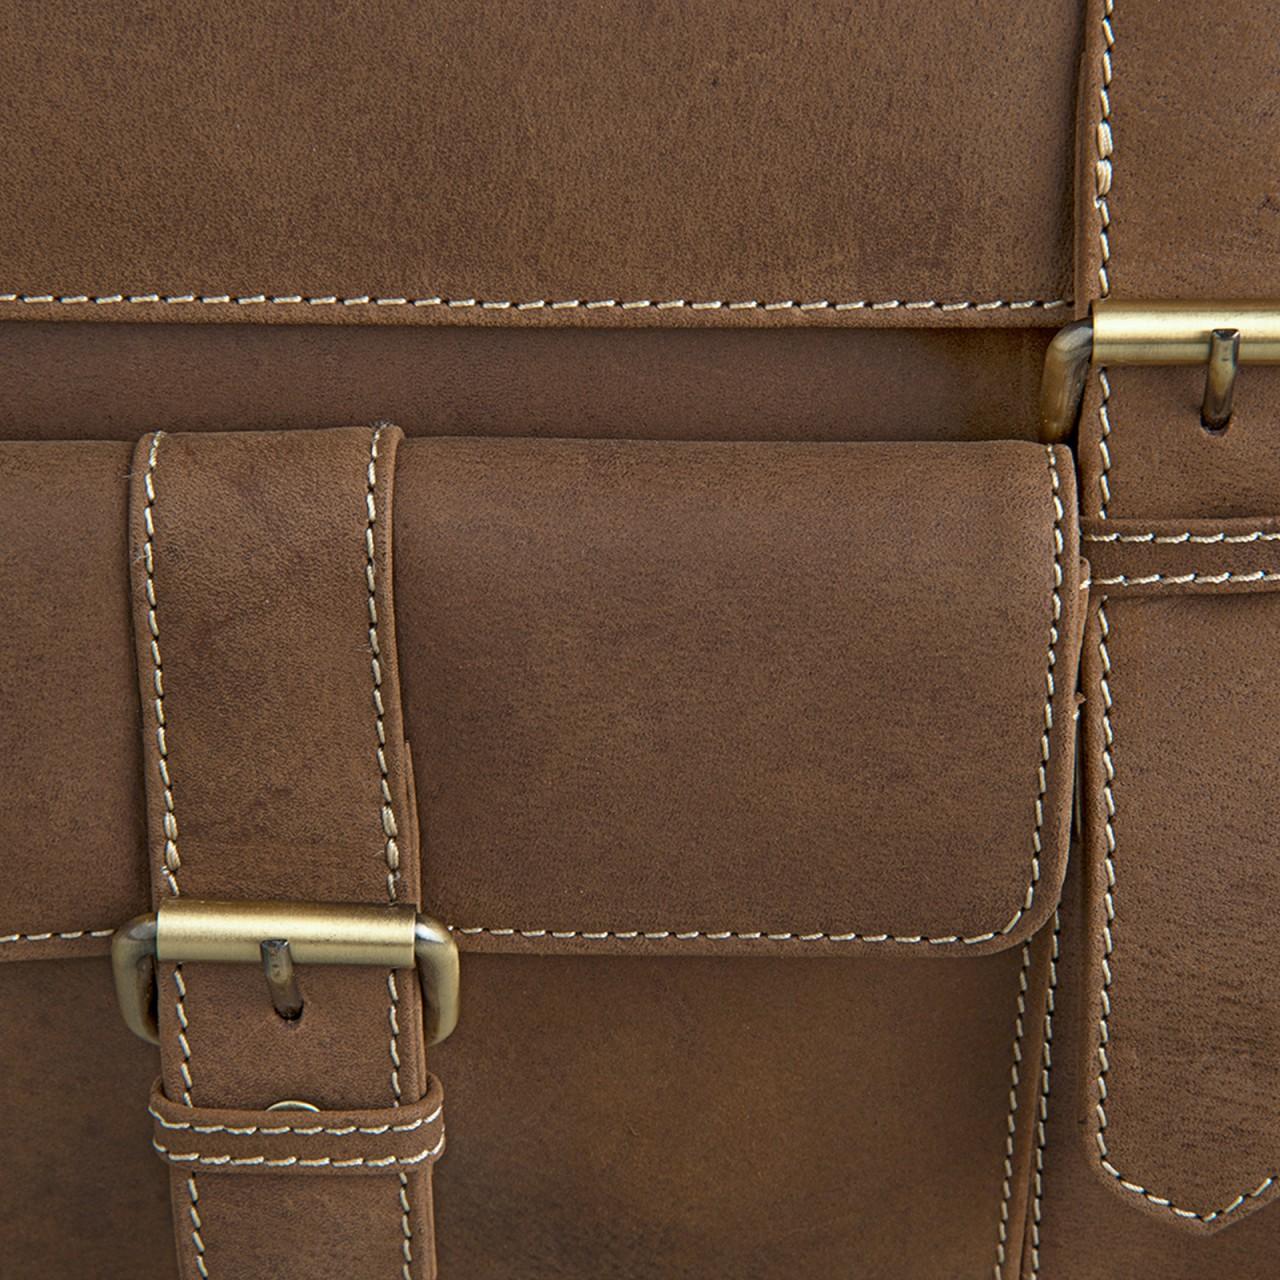 STILORD Elegante Aktentasche Lehrertasche mit Stil, Schulter Hand oder Umhängetasche, Vintage Businesstasche, Leder braun - Bild 6